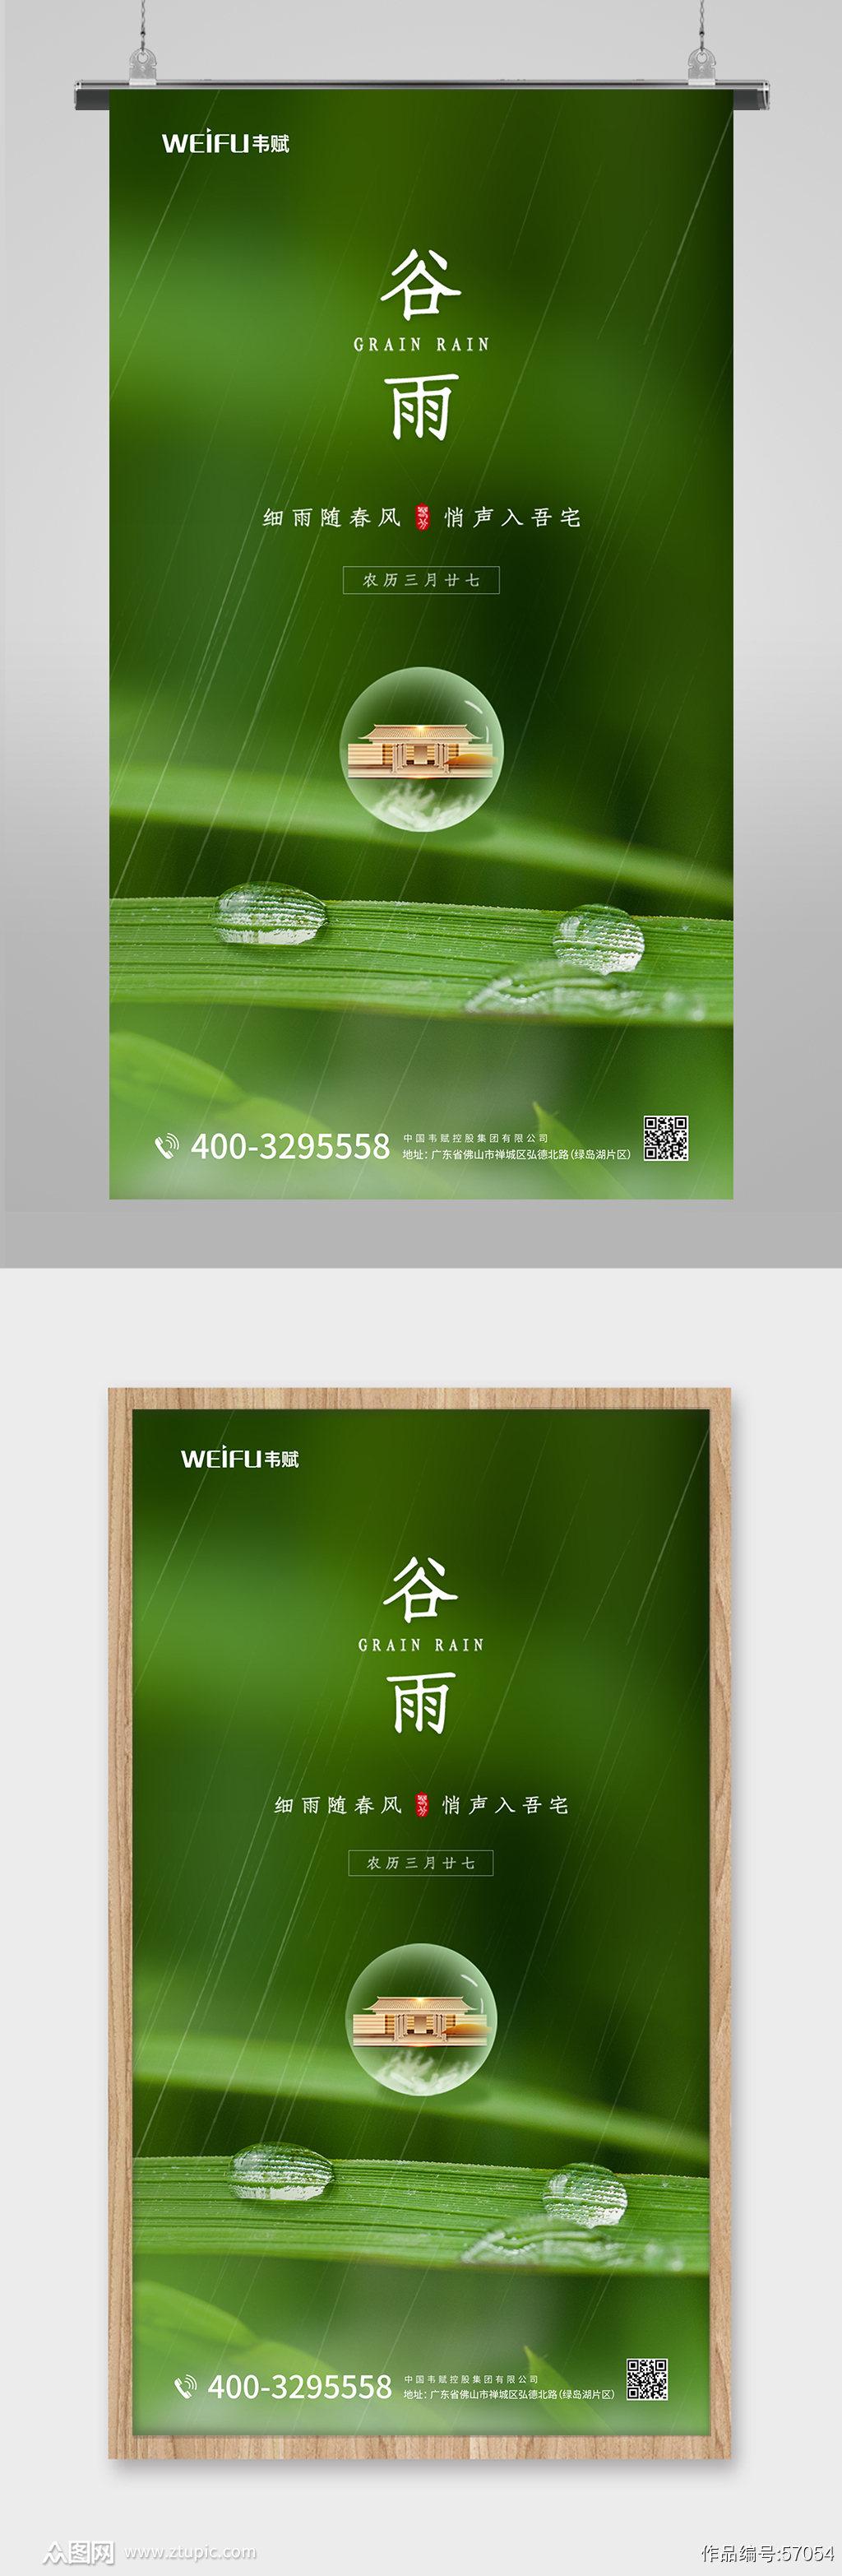 清新中国传统节气谷雨海报素材